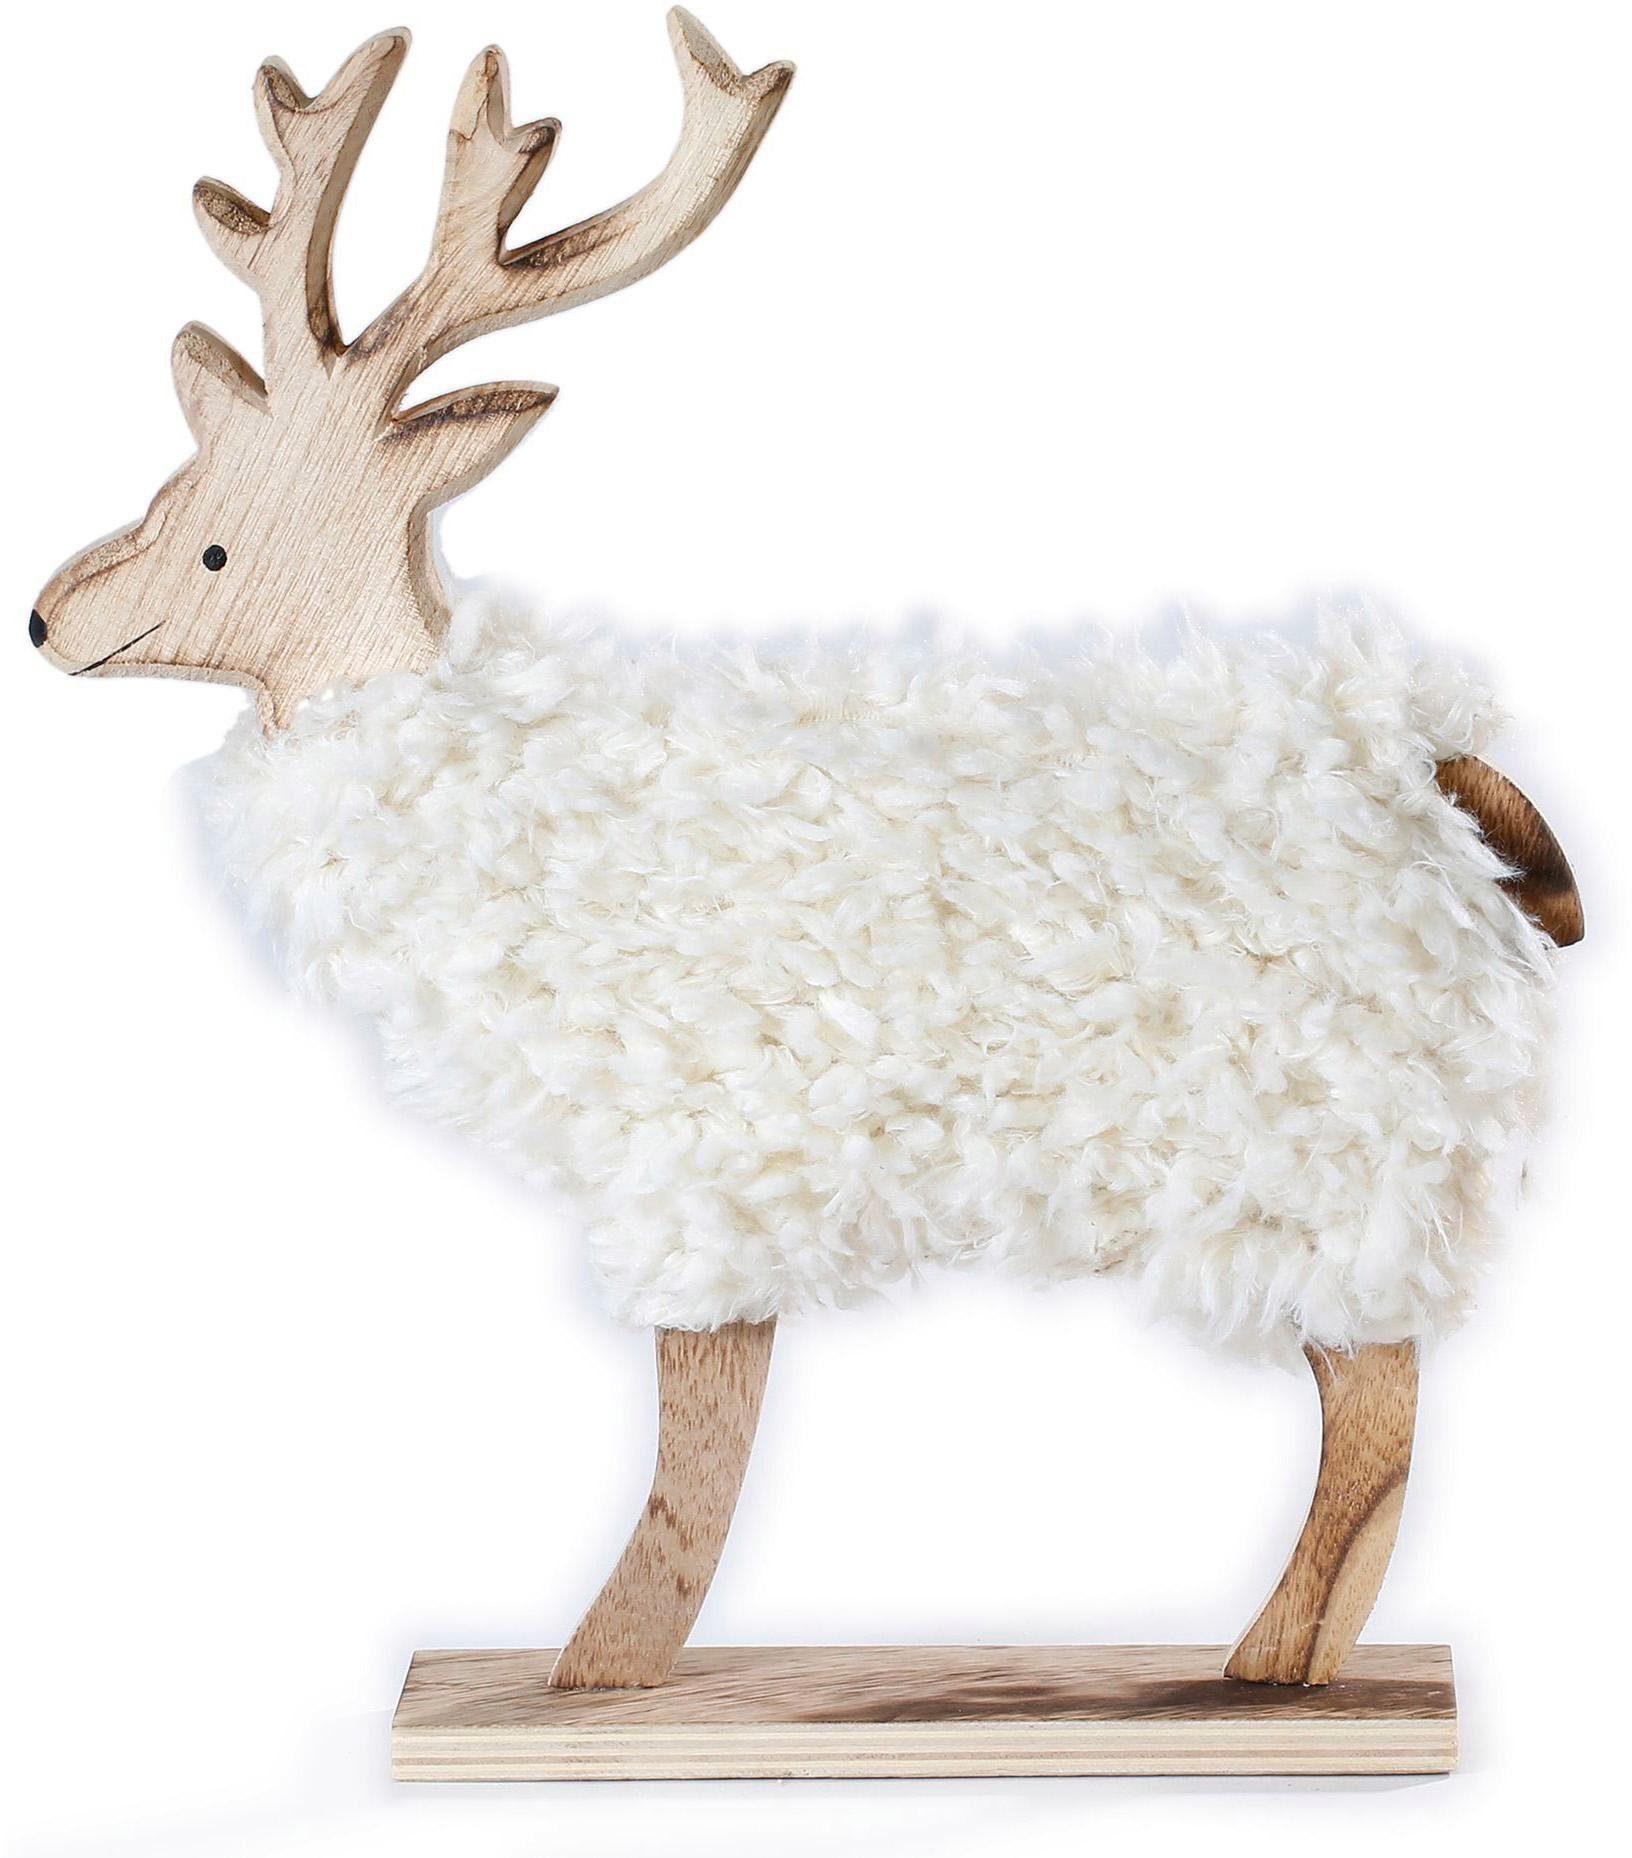 CHRISTMAS GOODS by Inge Tierfigur, Hirsch mit Kunstfell beige Tierfiguren Figuren Skulpturen Wohnaccessoires Tierfigur